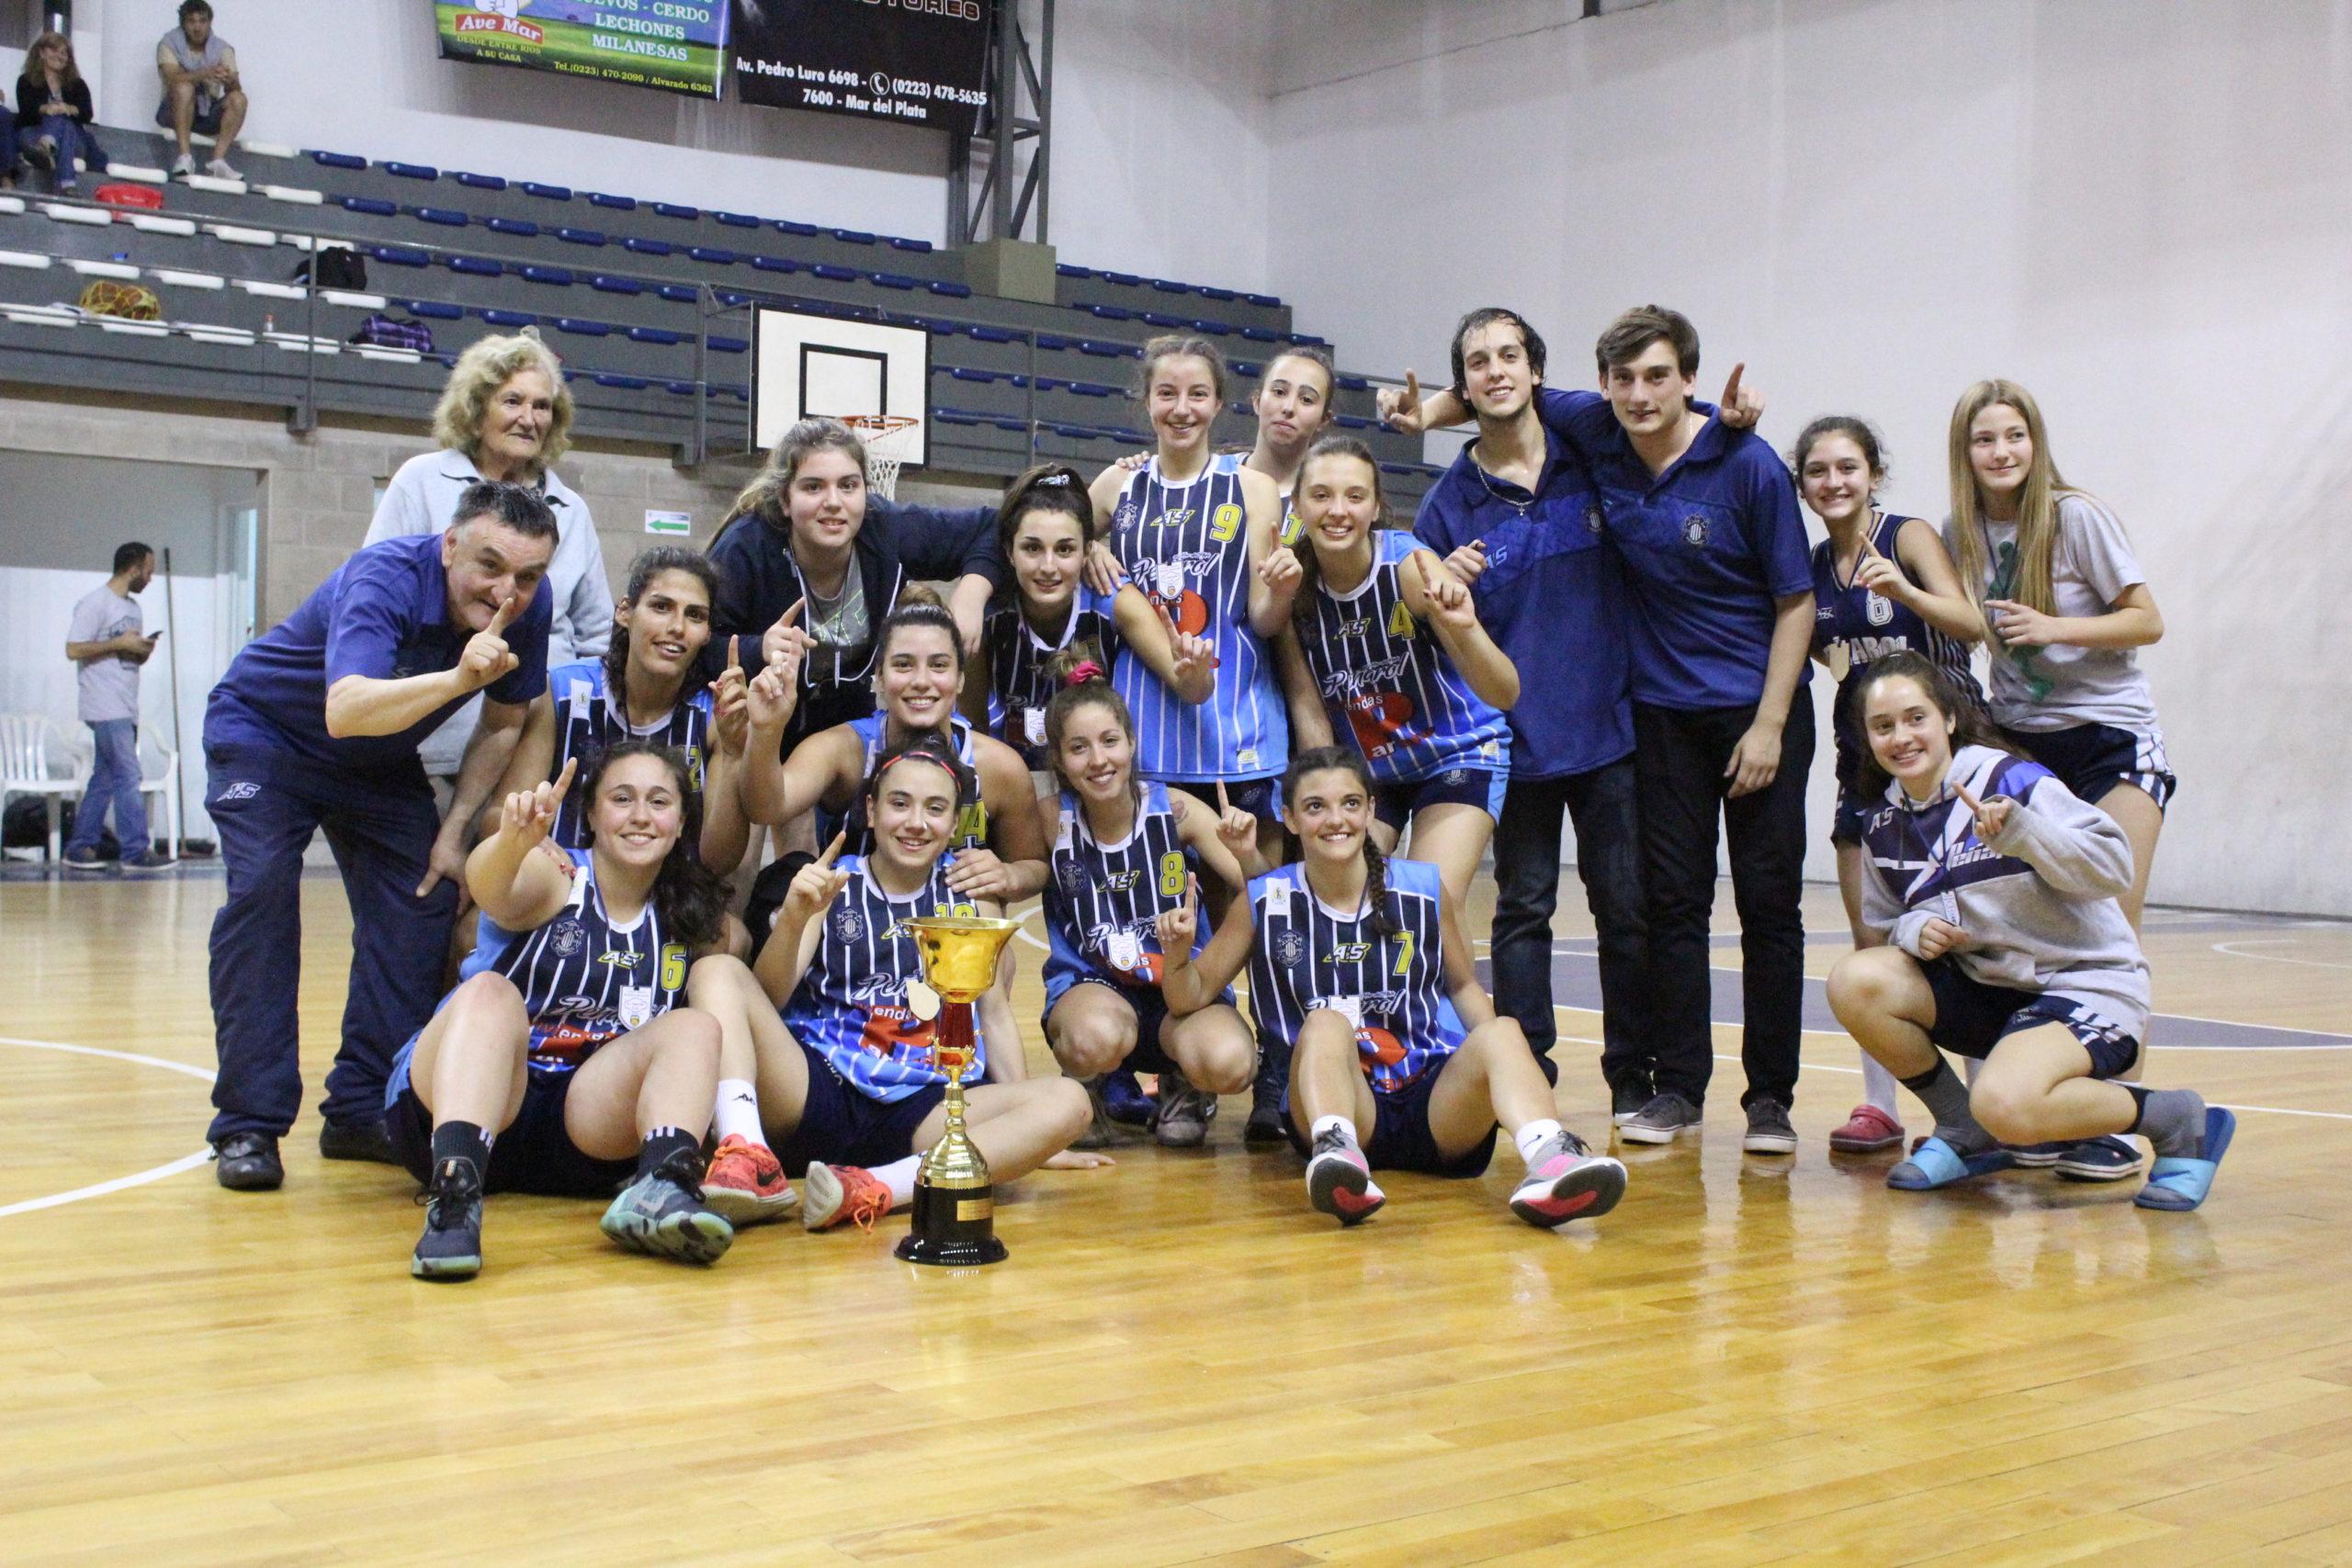 El plantel campeón del Zona 4 Femenino de categoría U21. (Foto: Prensa Peñarol)